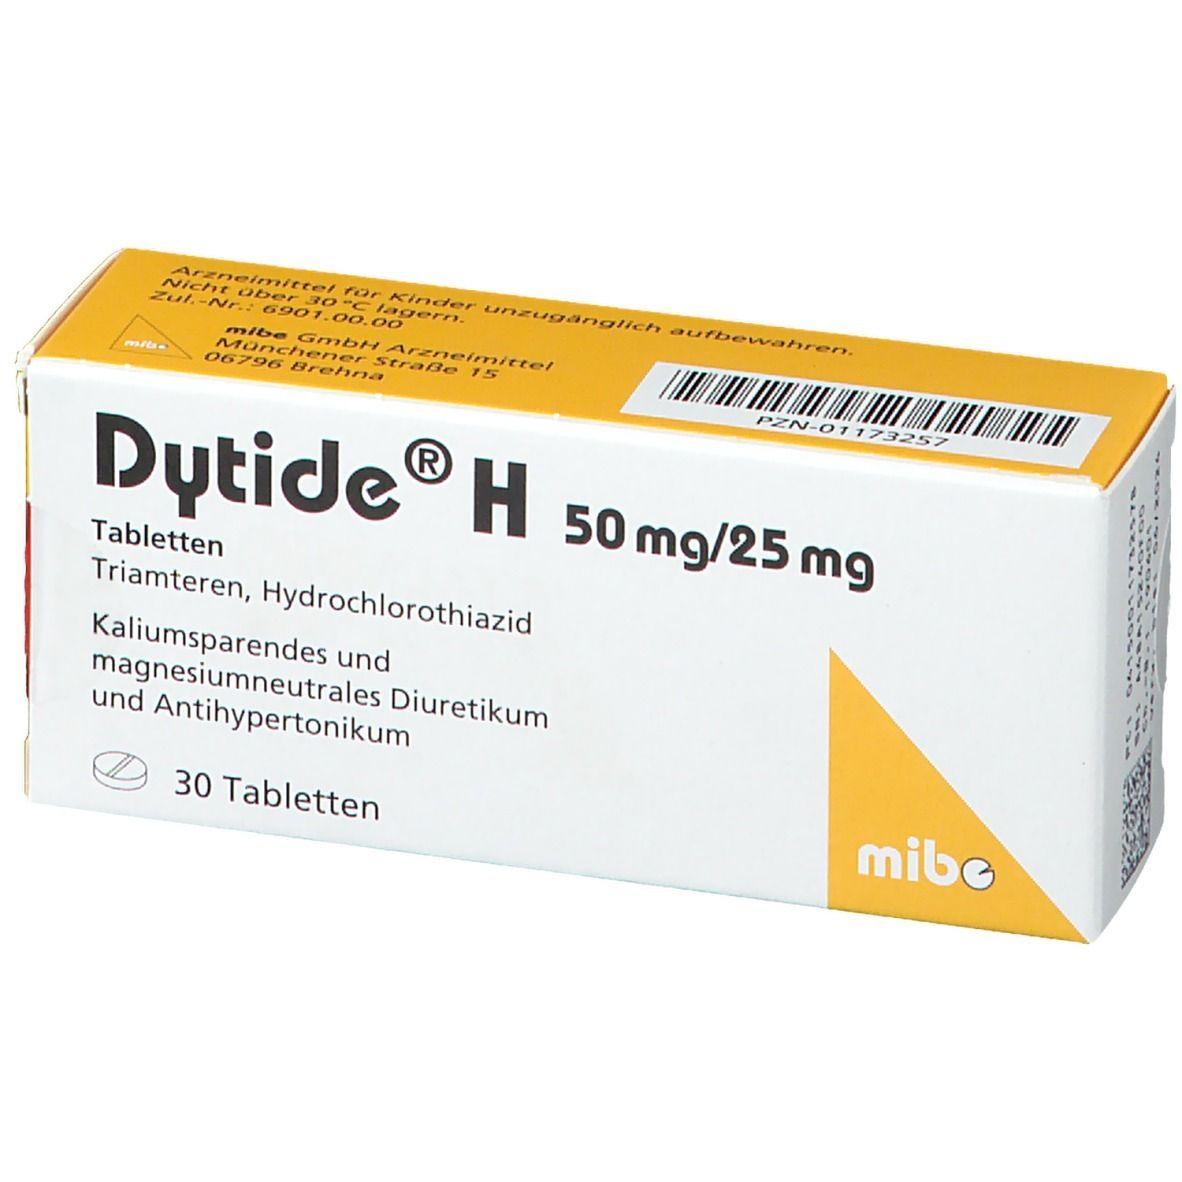 Dytide H Tabletten